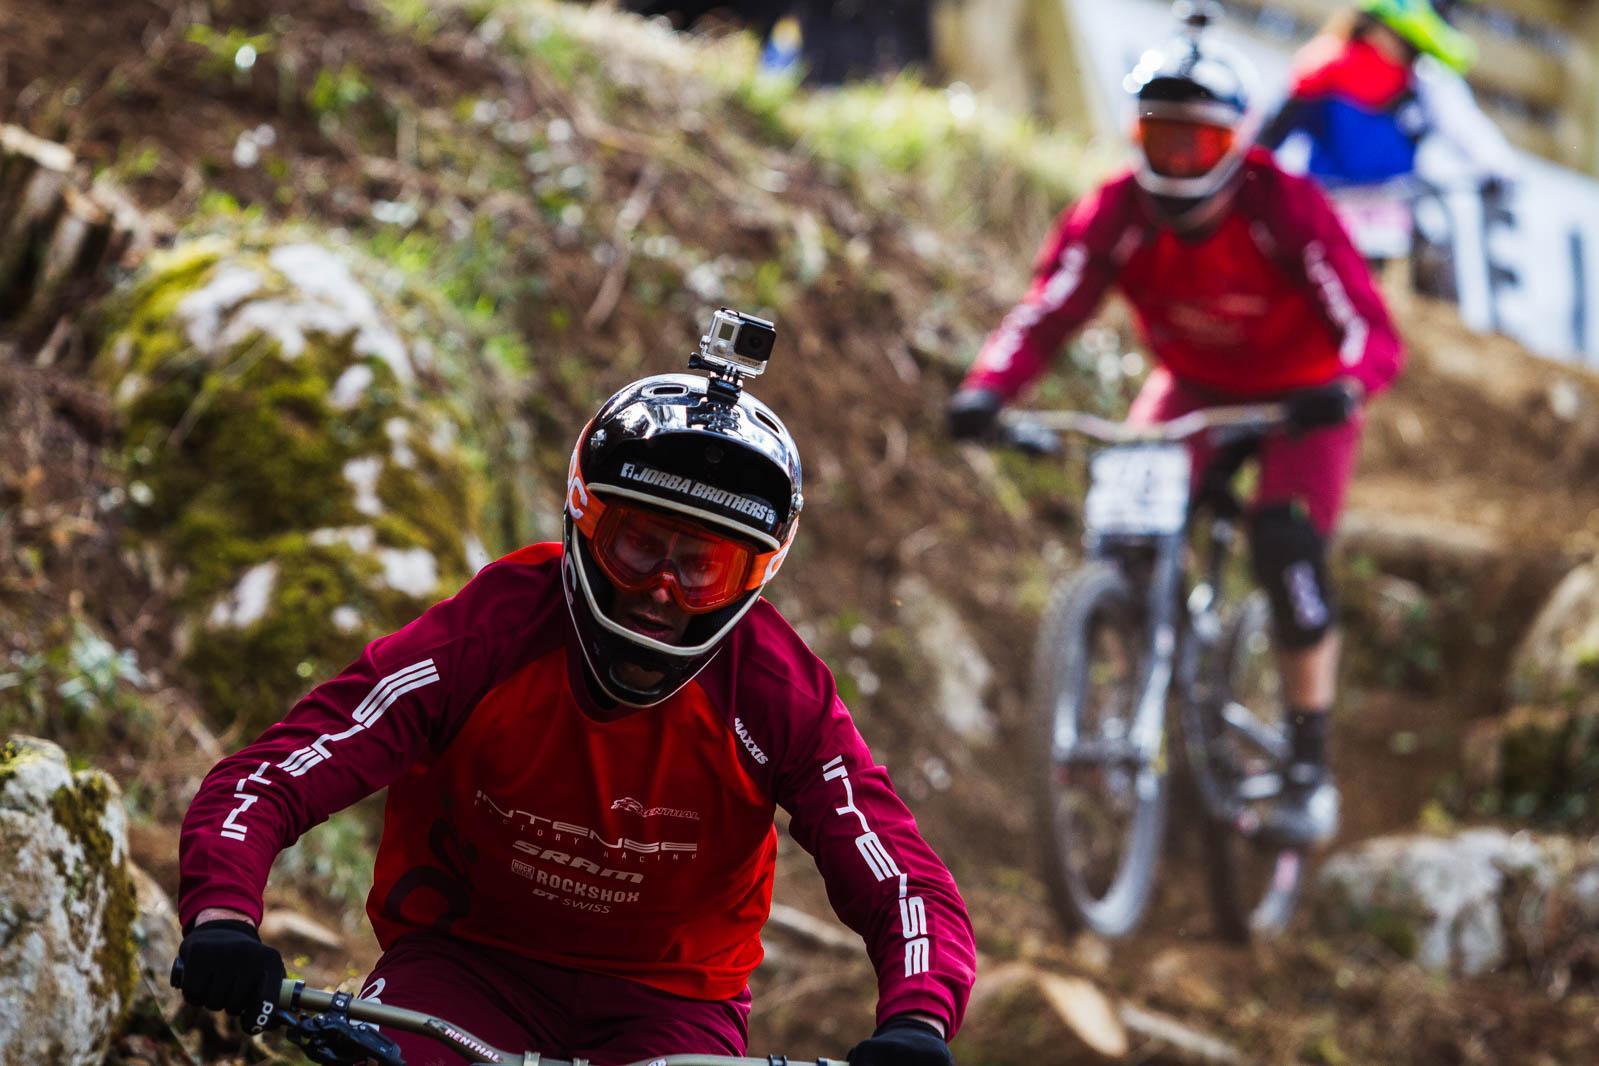 Ferran Jorba seguido de su compañero de equipo Bernat Guardia, trazando por encima de las rocas de Lourdes.